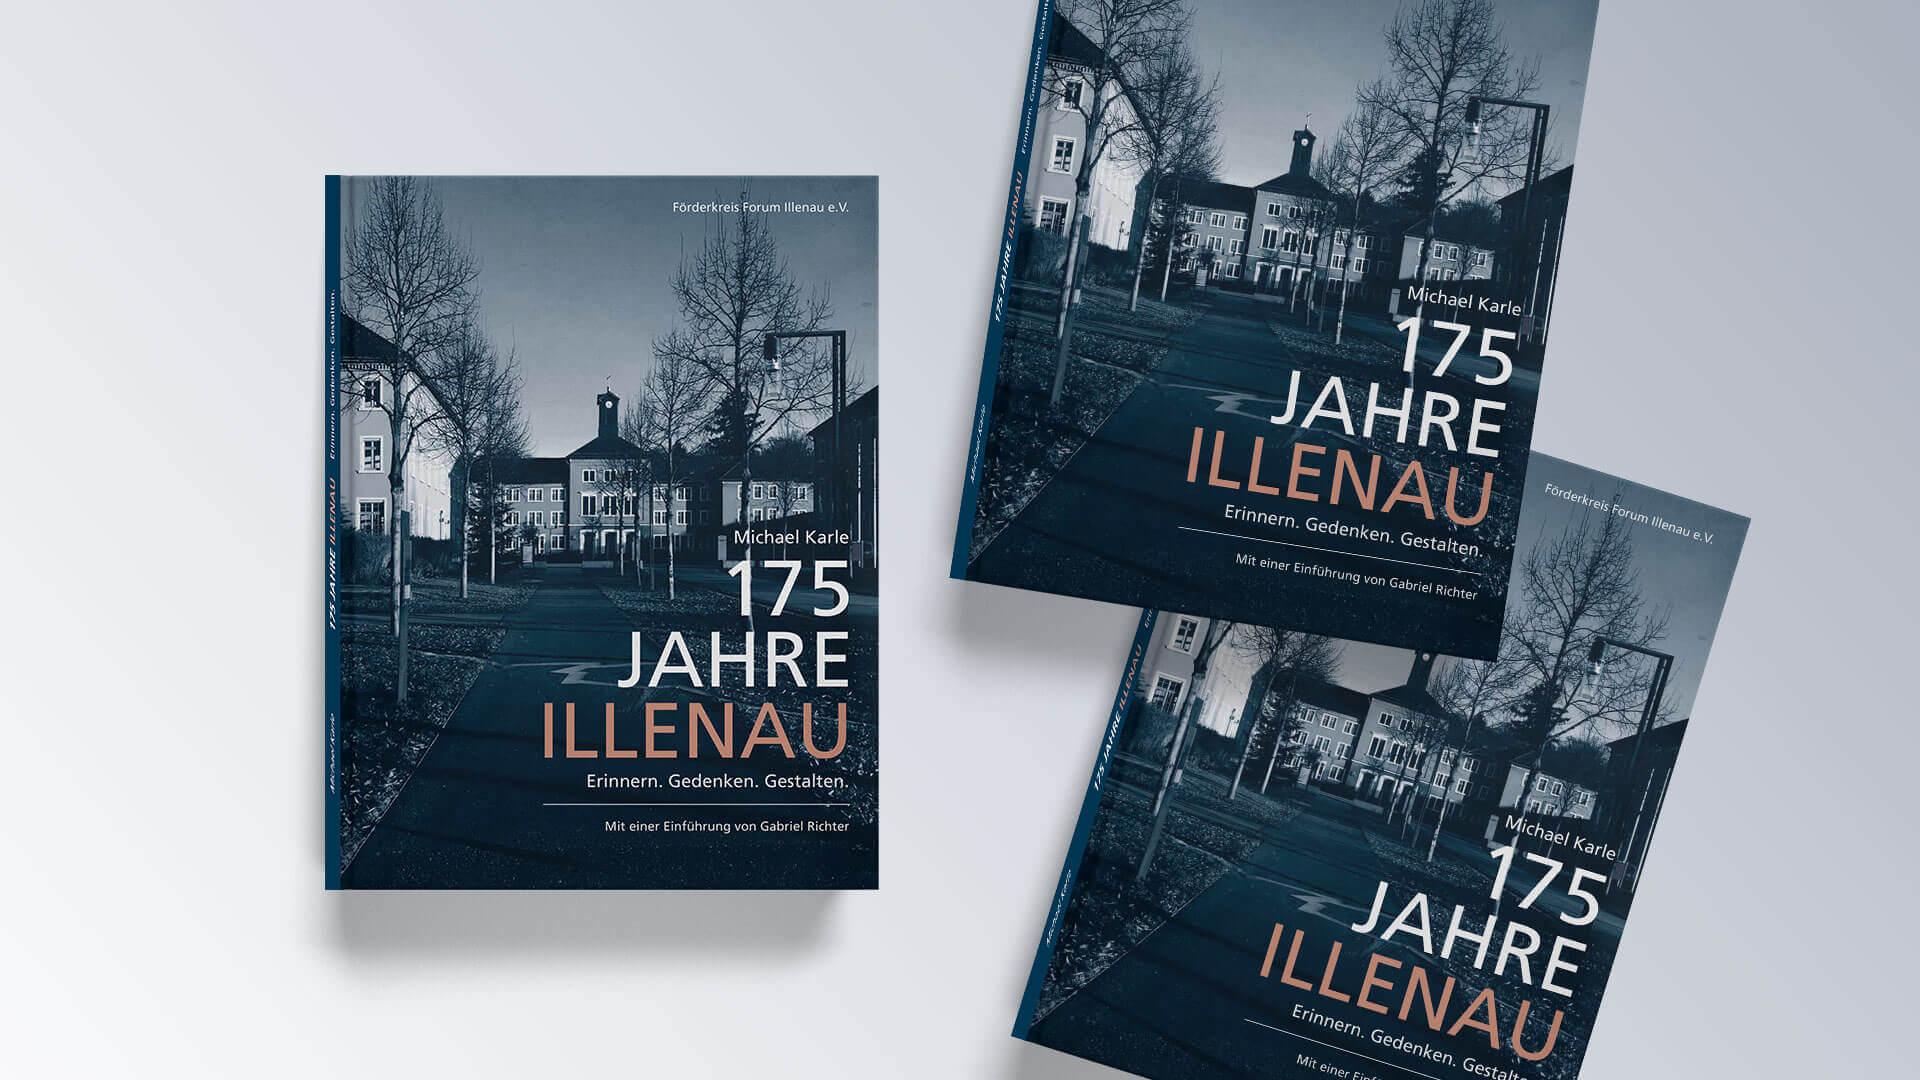 Illenau Arkaden Museum Achern 175 Jahre Illenau erinnern gedenken gestalten Buch Illenaubuch